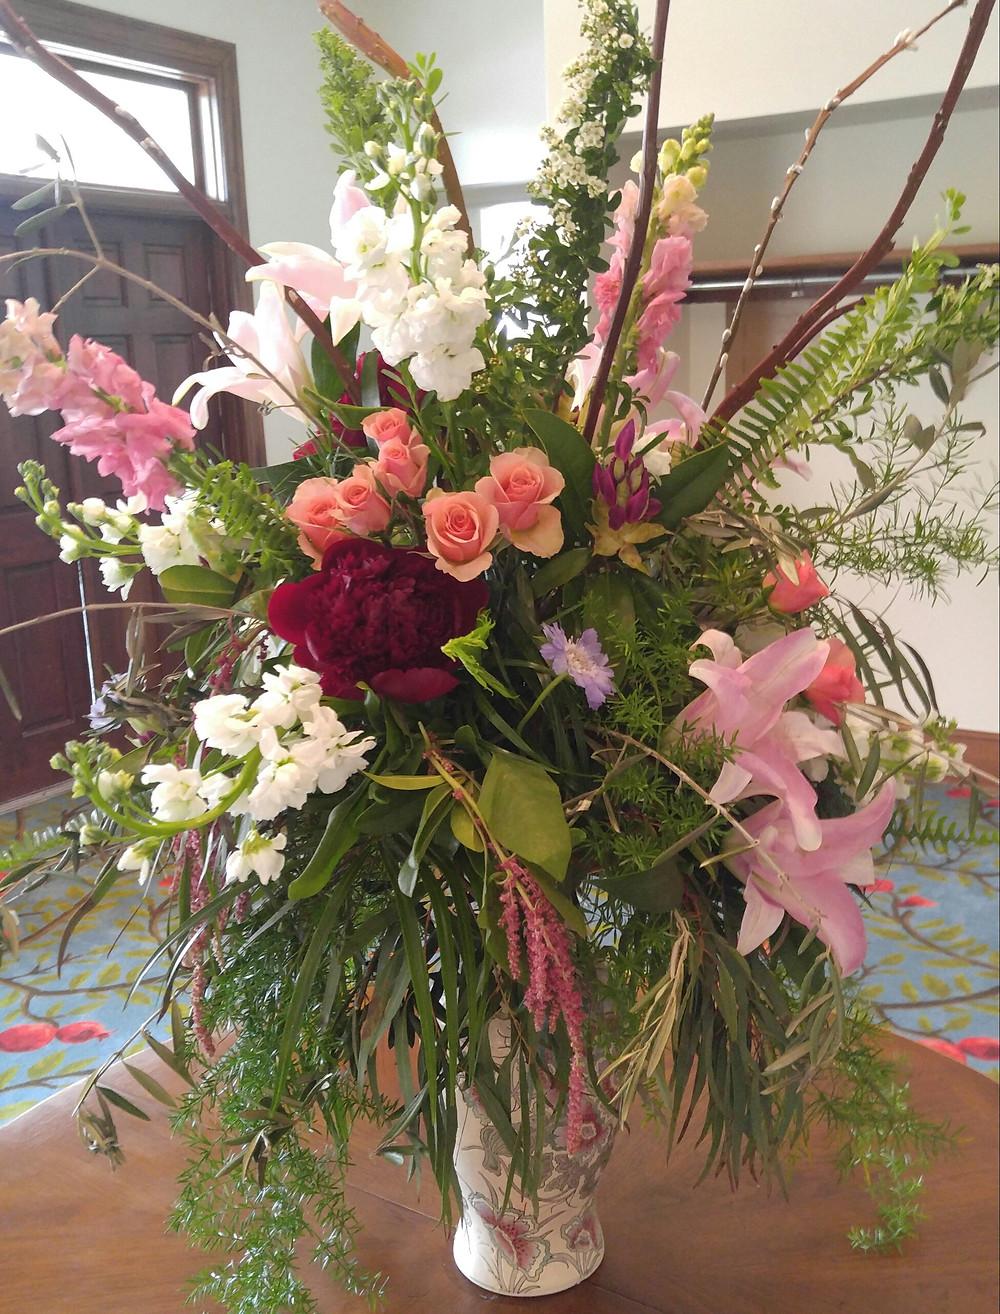 Grand Opening Flowers, Lambuth Grand Re-Opening, Lake Junaluska Event, McKenzie Botanicals